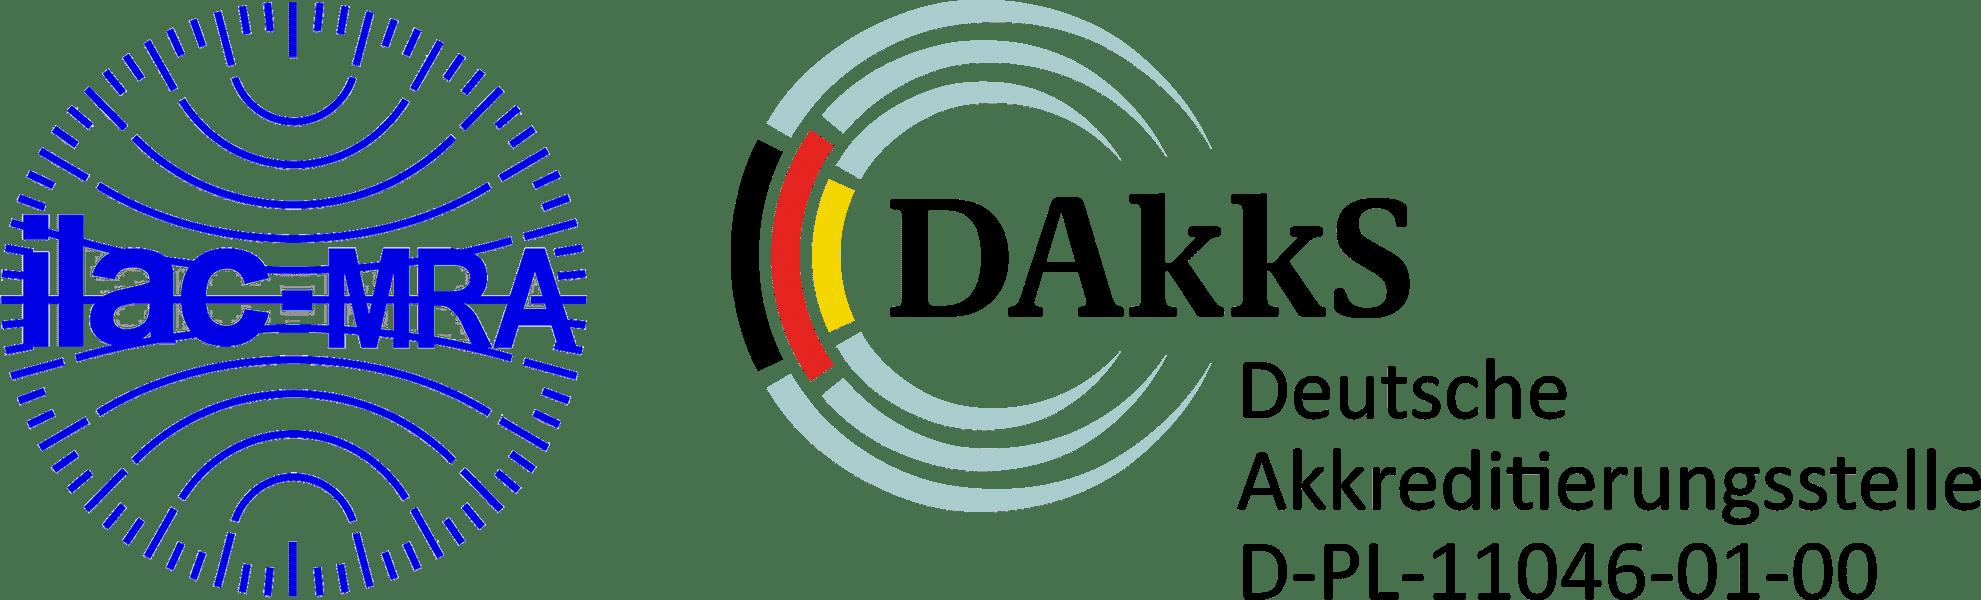 ilac-MRA |DAkkS Deutsche Akkreditierungsstelle